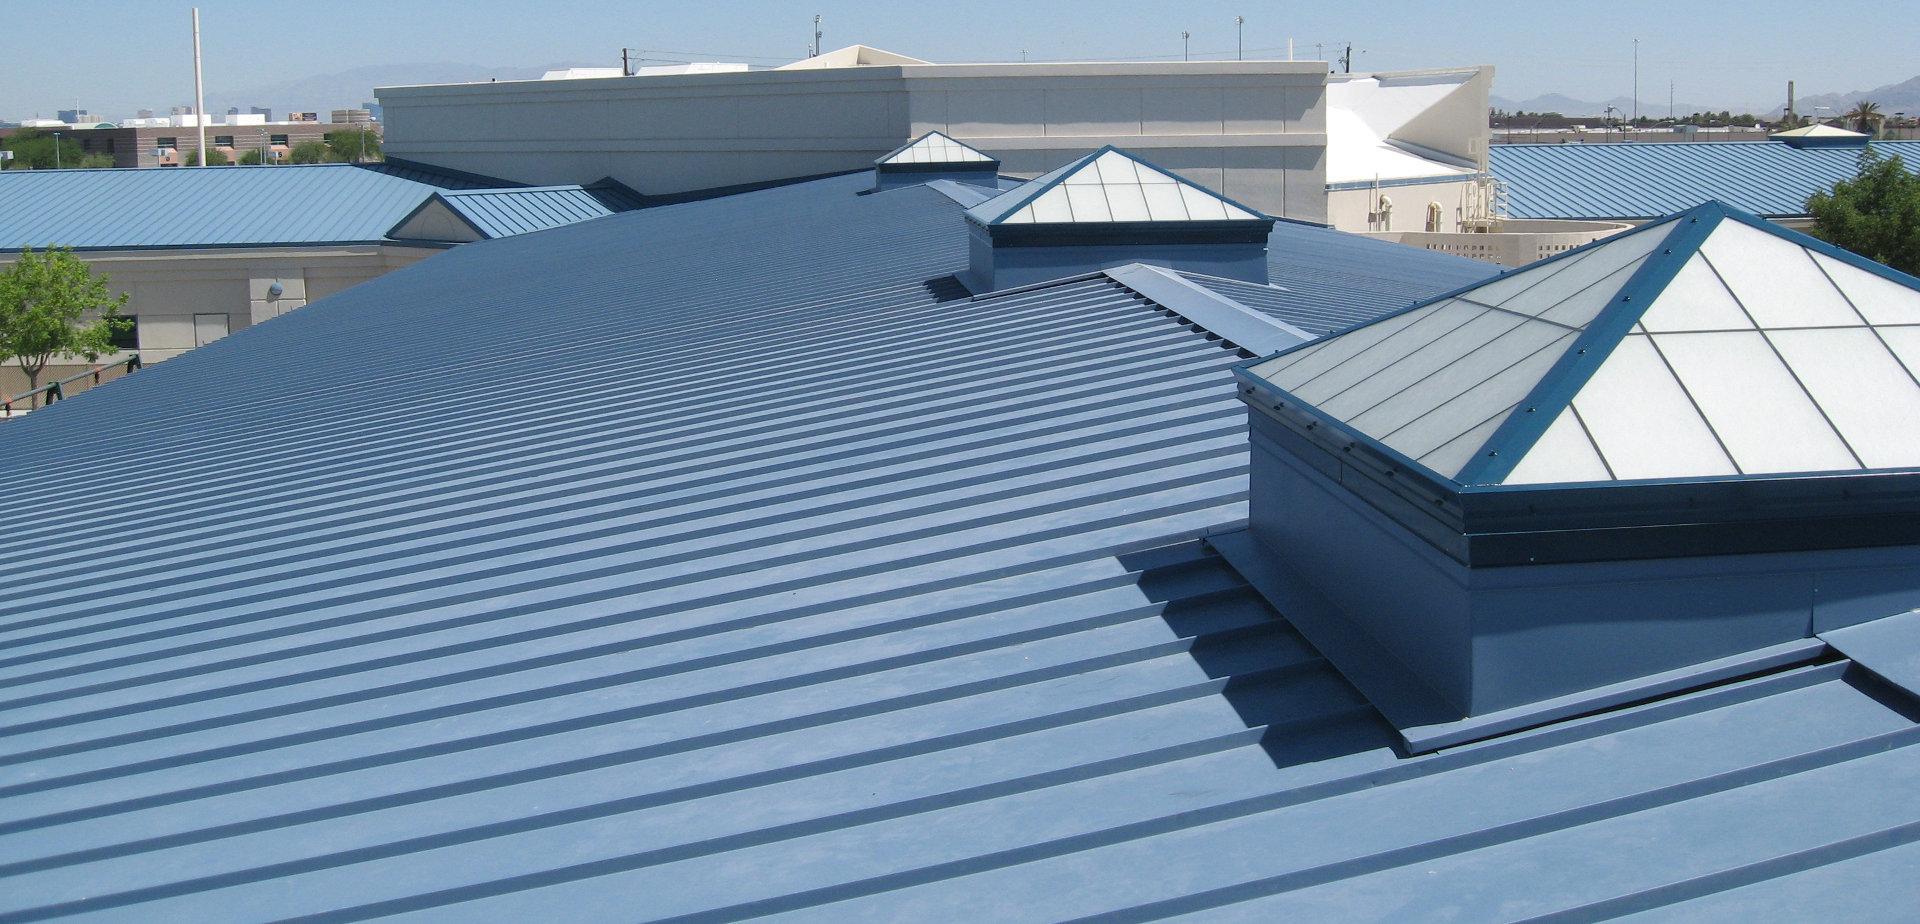 鋁鎂錳屋面板,鋁鎂錳板廠家,鋁鎂錳屋面施工注意事項